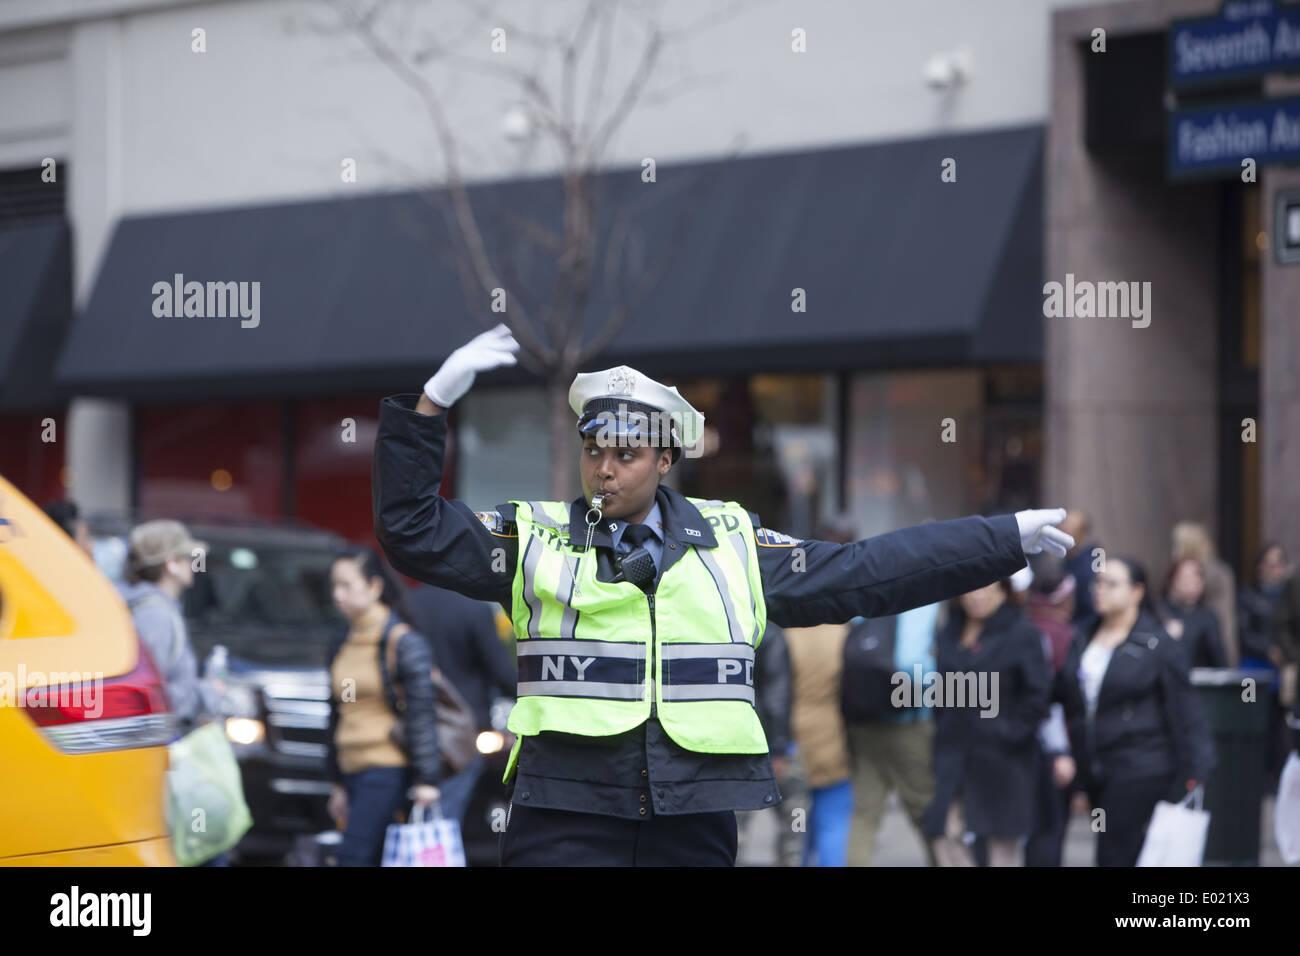 Usted tiene que mantener su genial para ser un guardia de tráfico en la 34th y Broadway por Macy's en Nueva York. Imagen De Stock